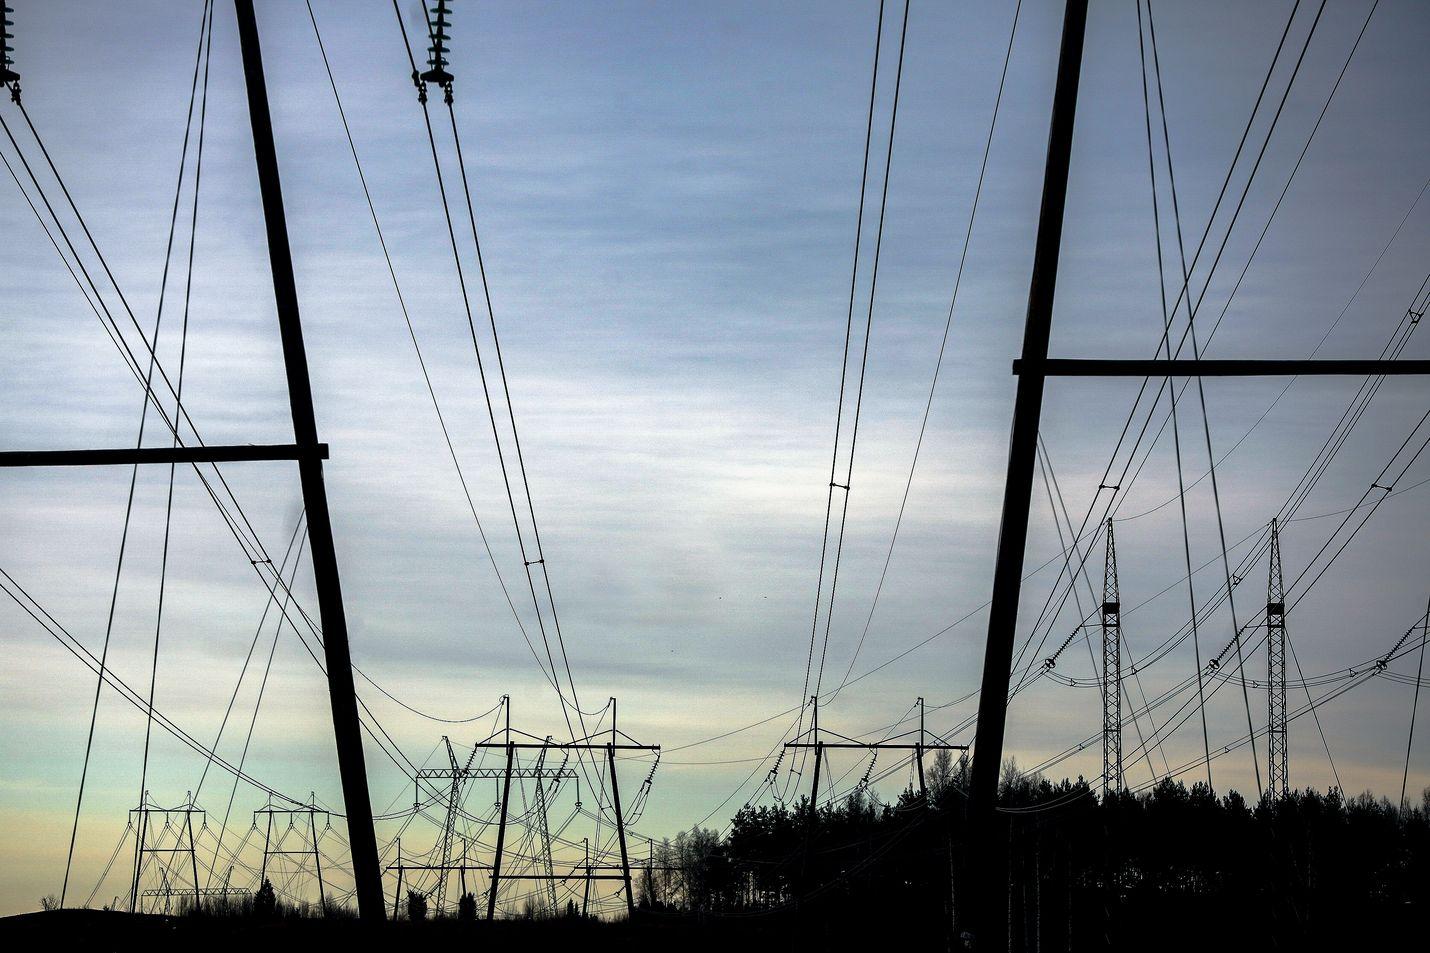 Sähkön siirtohinnoissa on tapahtunut viime vuosina kohtuuttomia korotuksia.